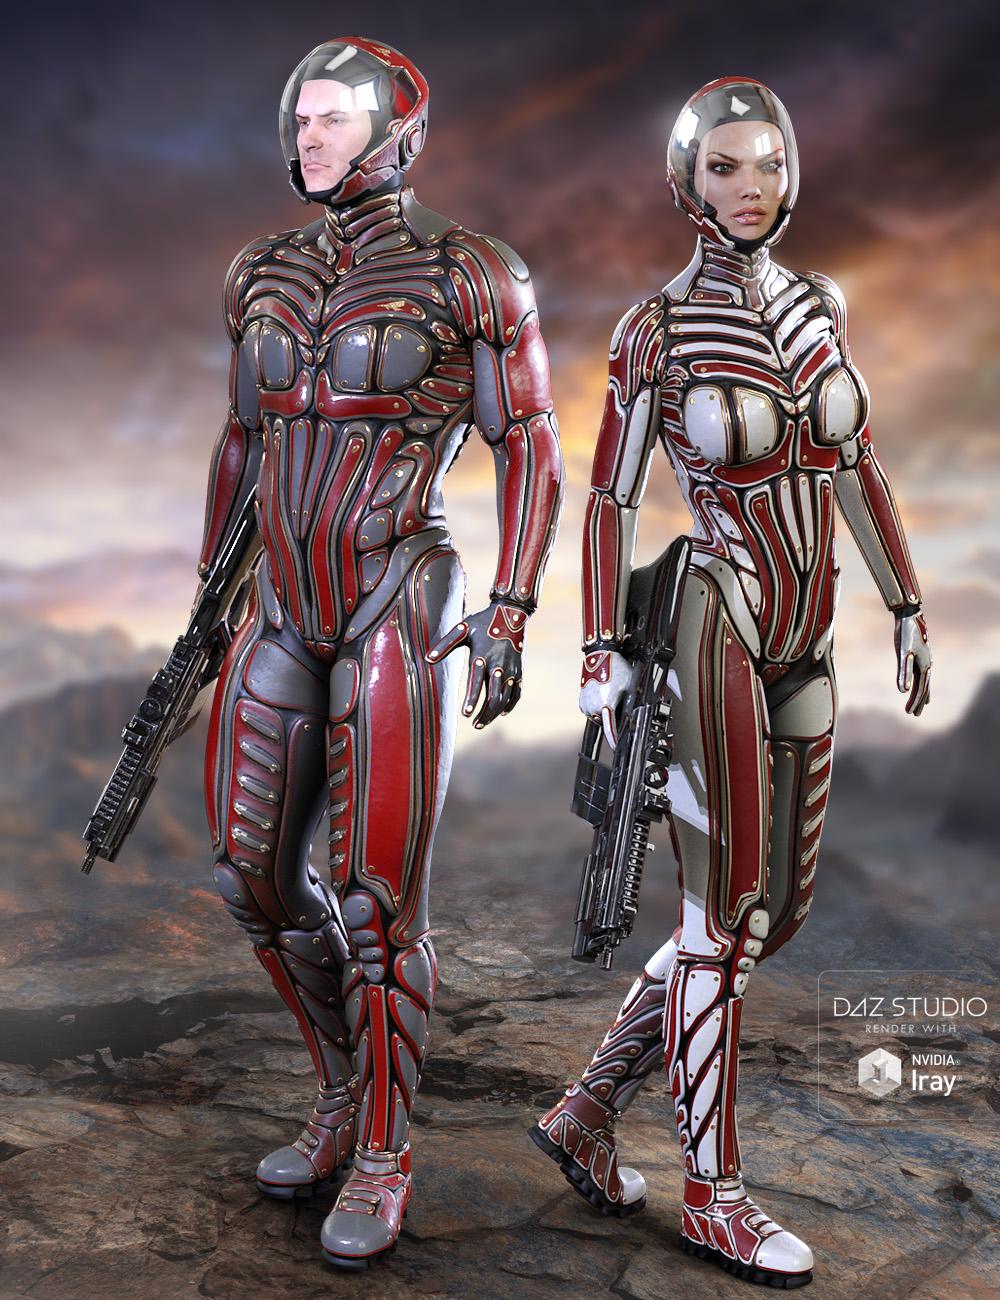 Titan Suit Texture Expansion Set by: midnight_stories, 3D Models by Daz 3D